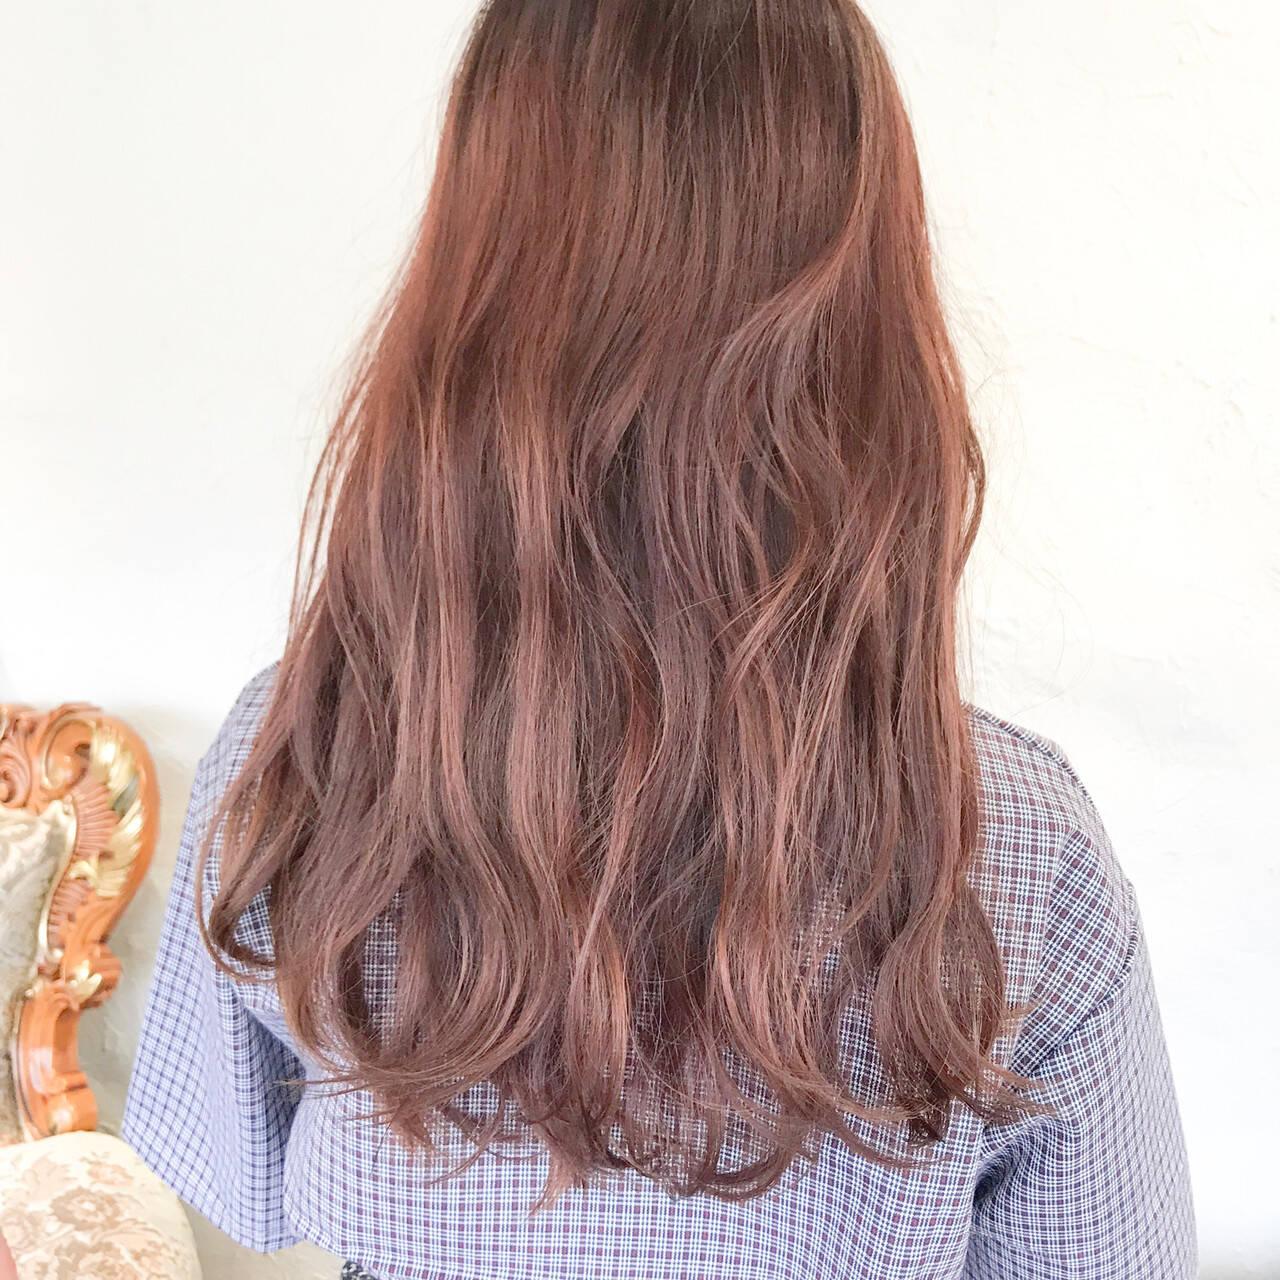 ロング ピンクブラウン ピンクバイオレット ラズベリーピンクヘアスタイルや髪型の写真・画像